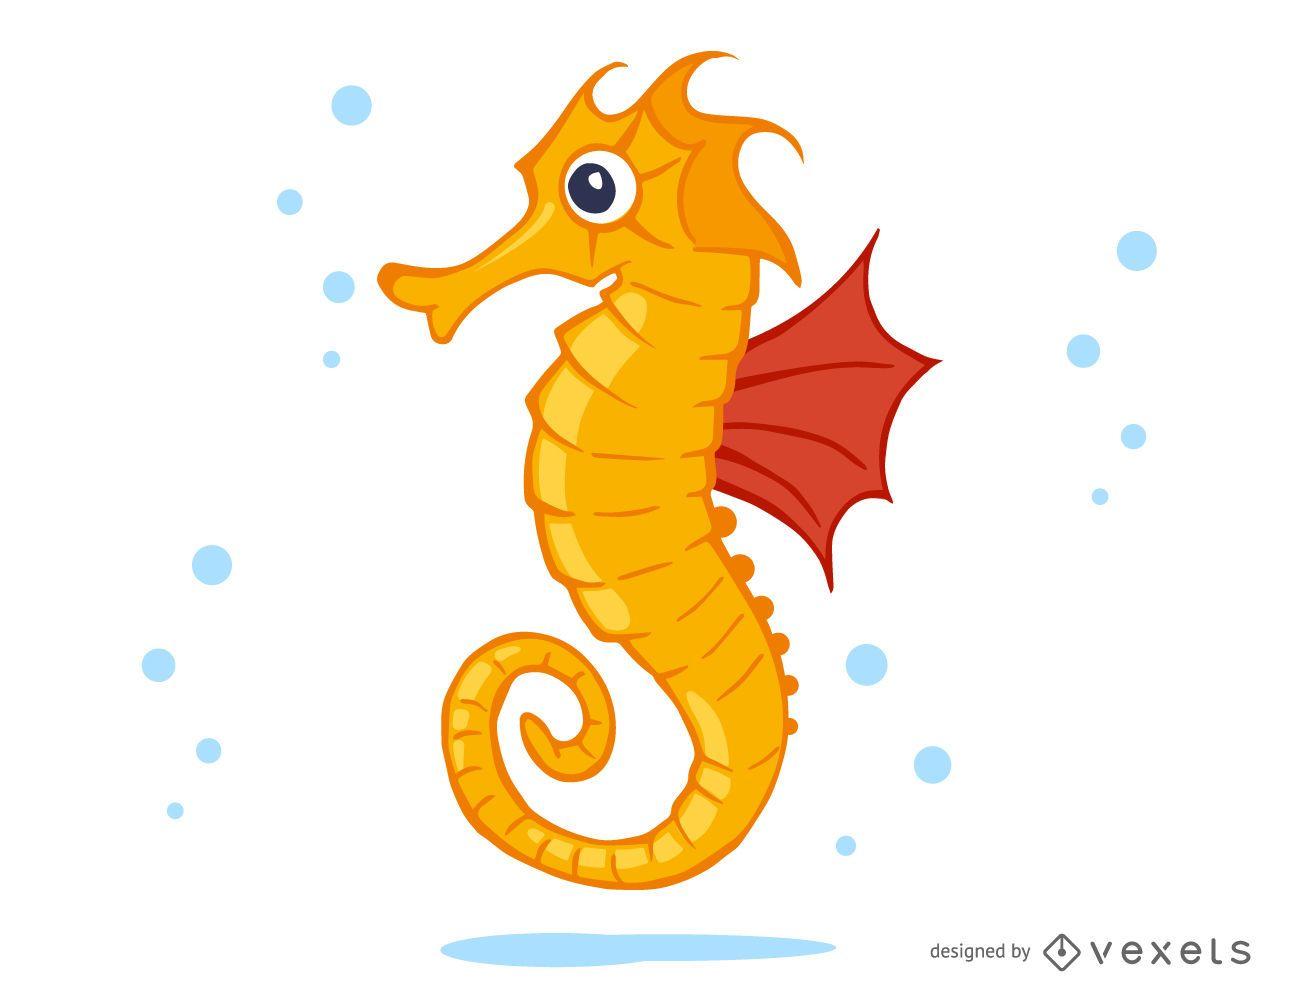 Seahorse Cartoon Illustration Vector Download